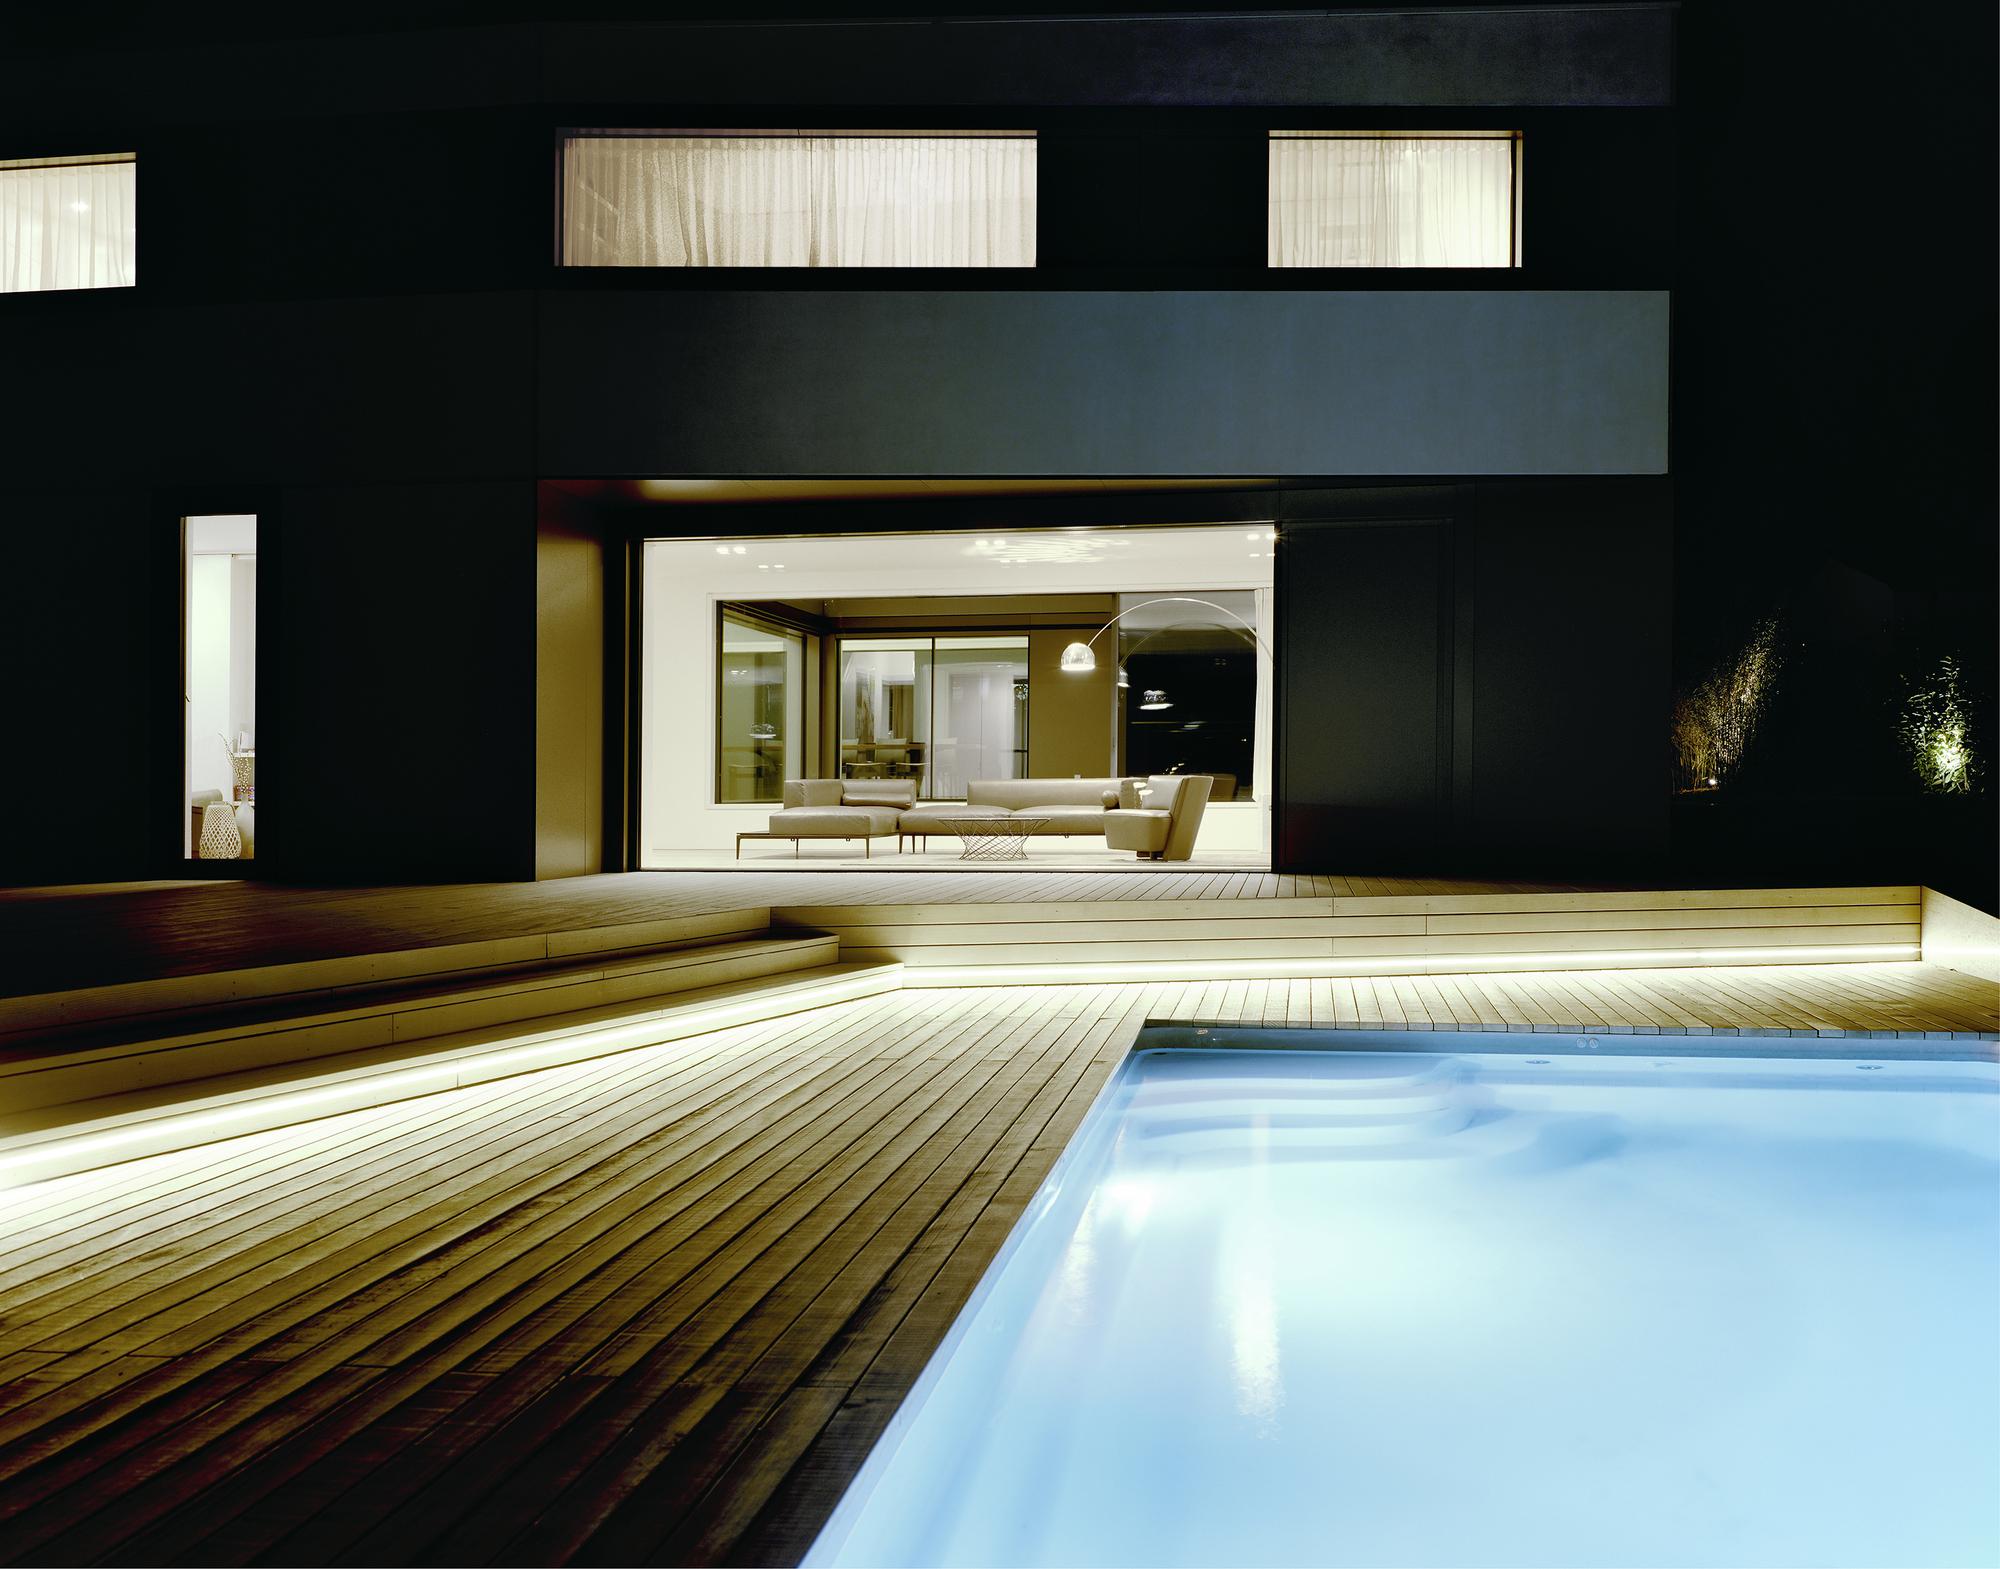 city villa s3 by steimle architekten 21 Villa S3 by Steimle Architekten